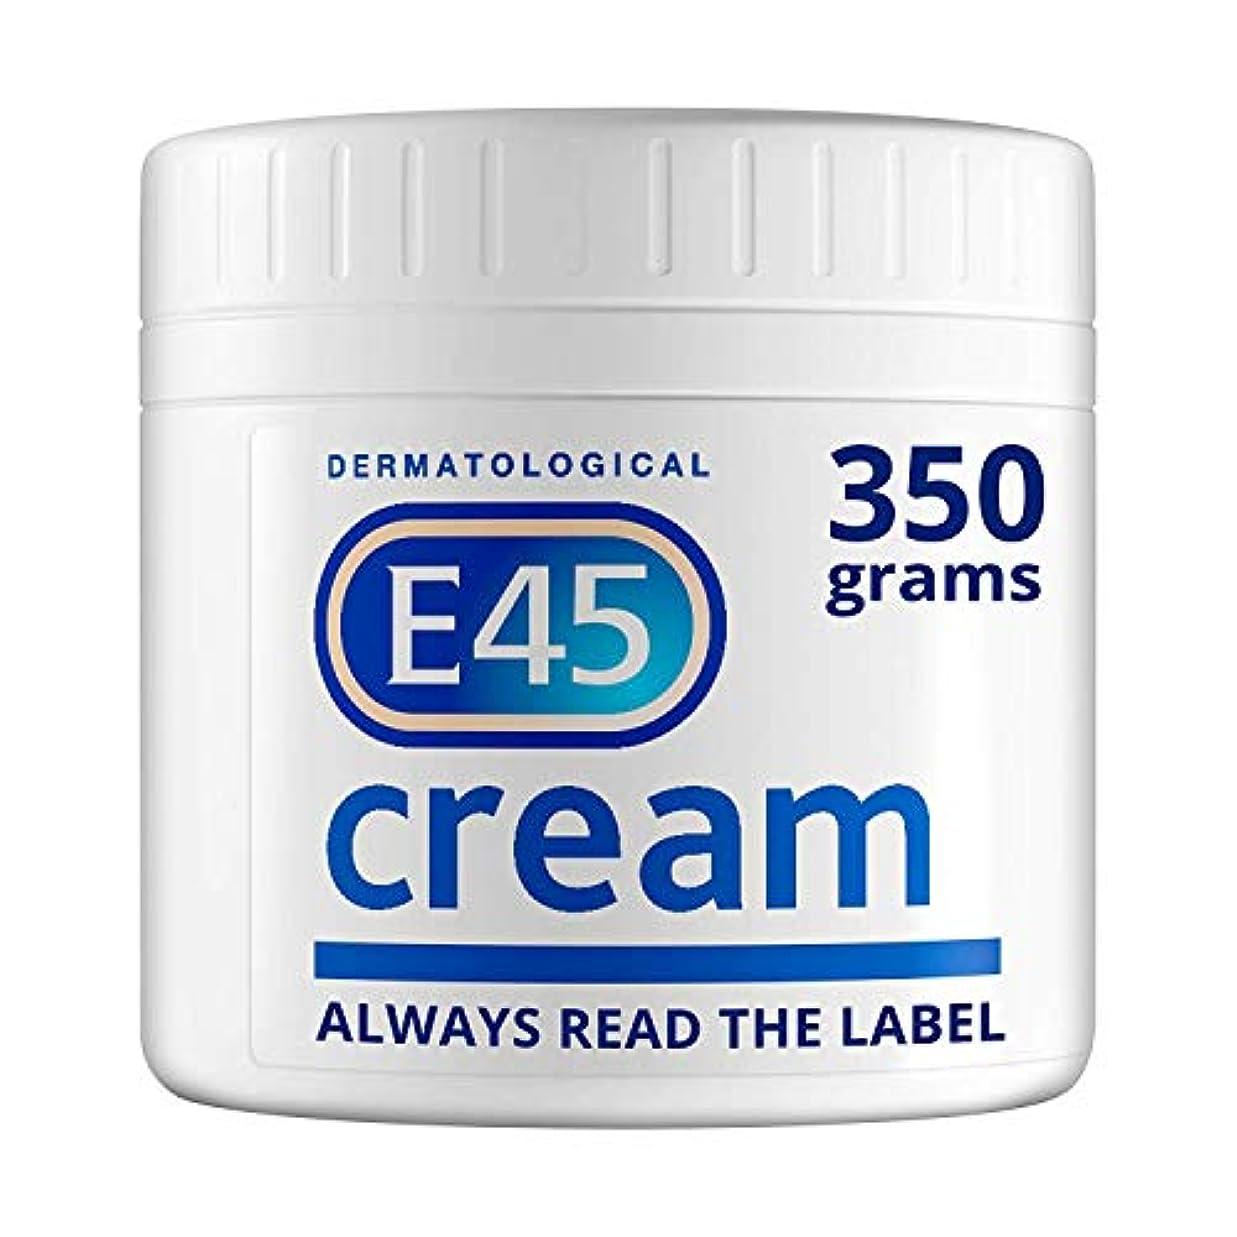 煩わしい一貫性のない後ろ、背後、背面(部E45 350g Cream